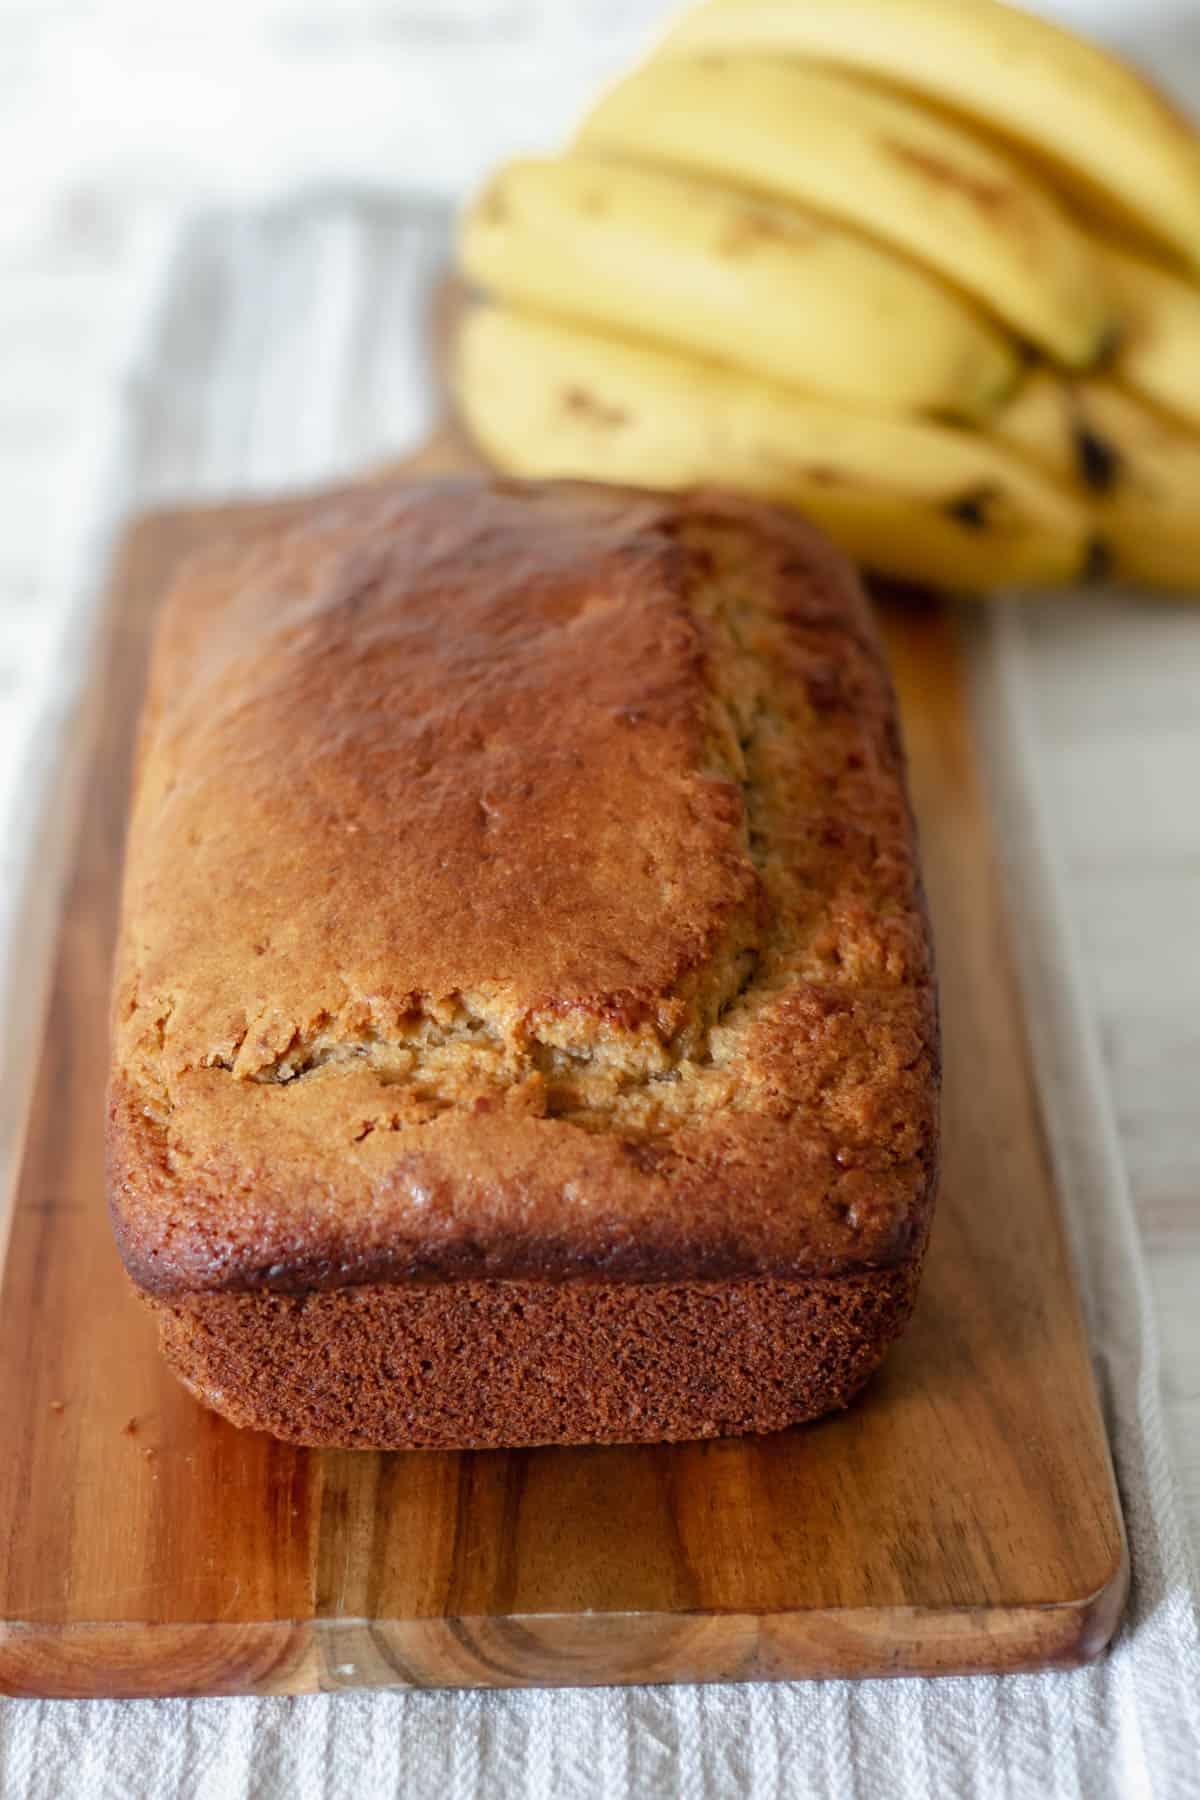 pan de plátano servido sobre una tabla de madera con bananos frescos en la parte de atrás.